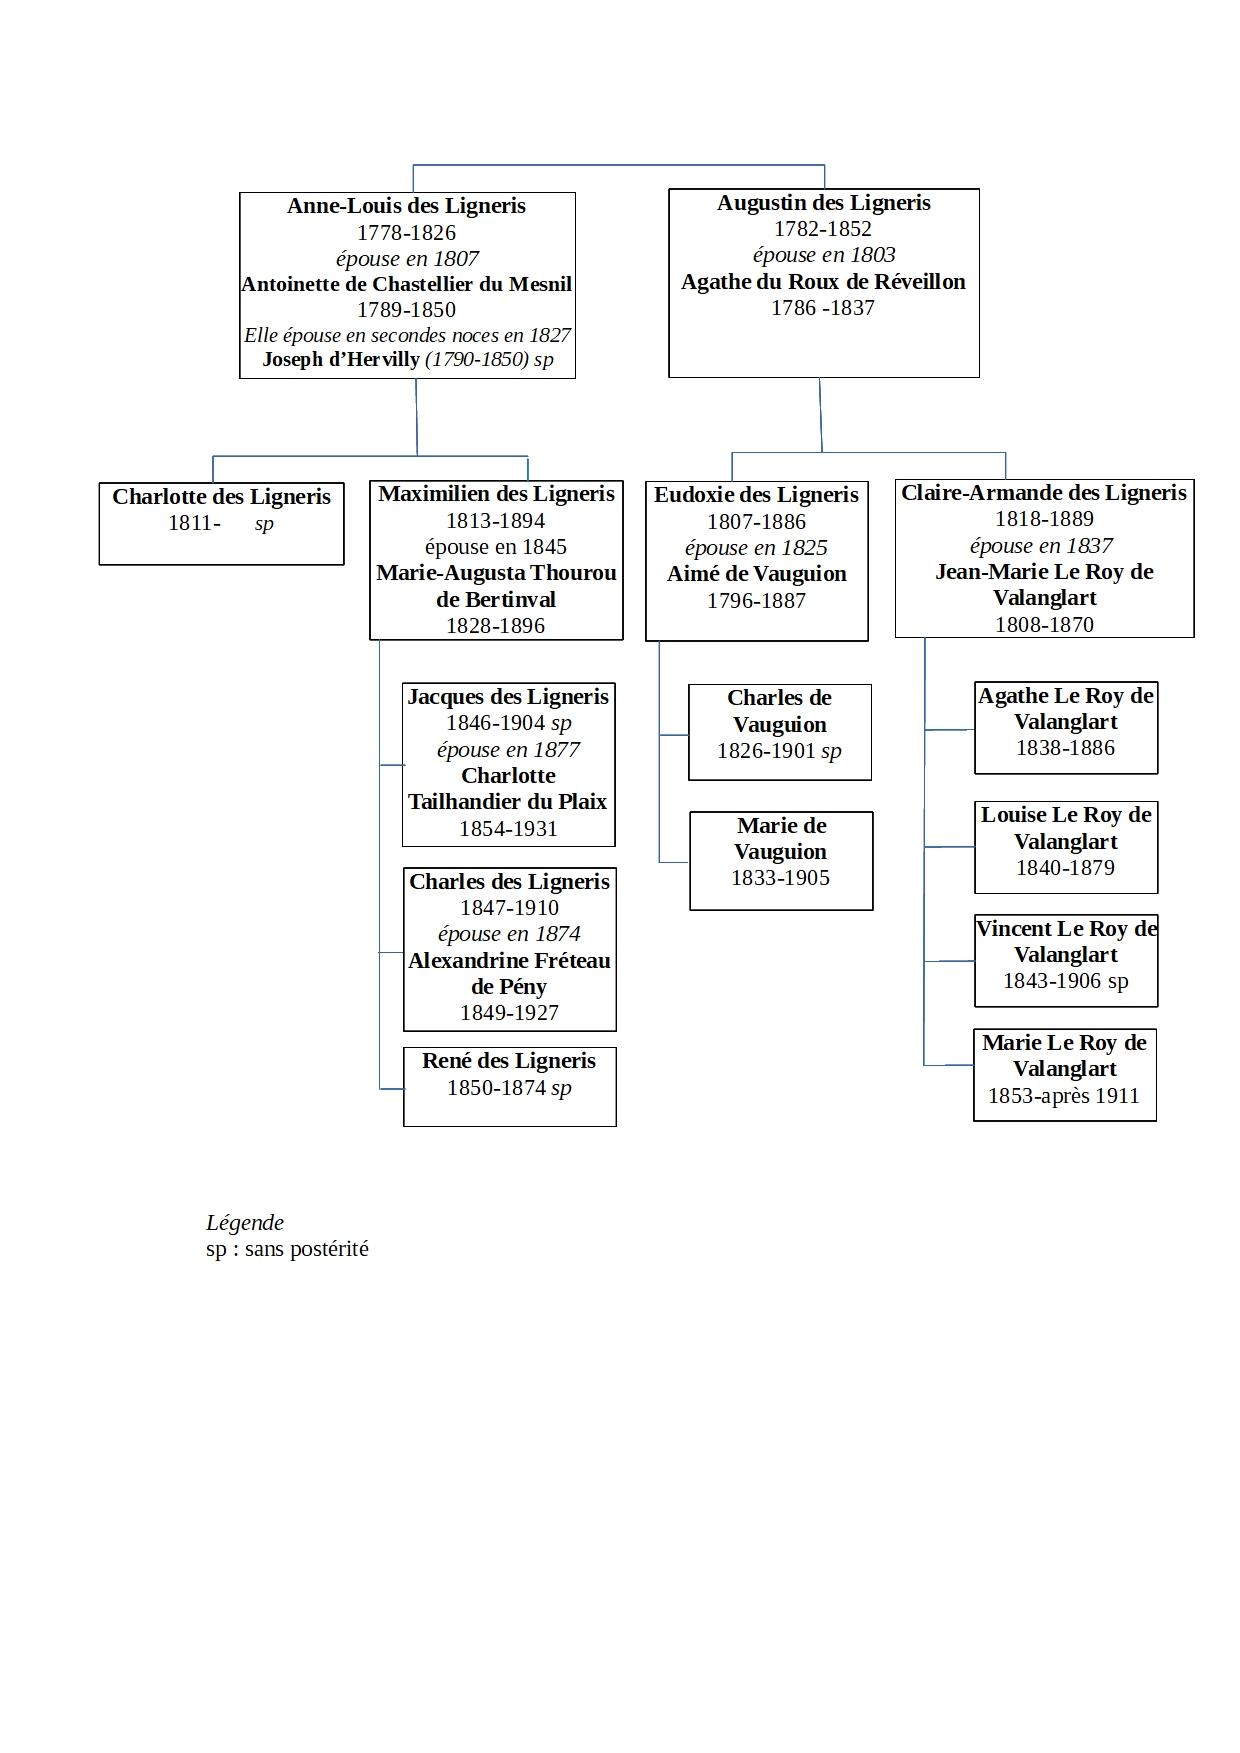 schema de descendance Anne Louis et Augustin